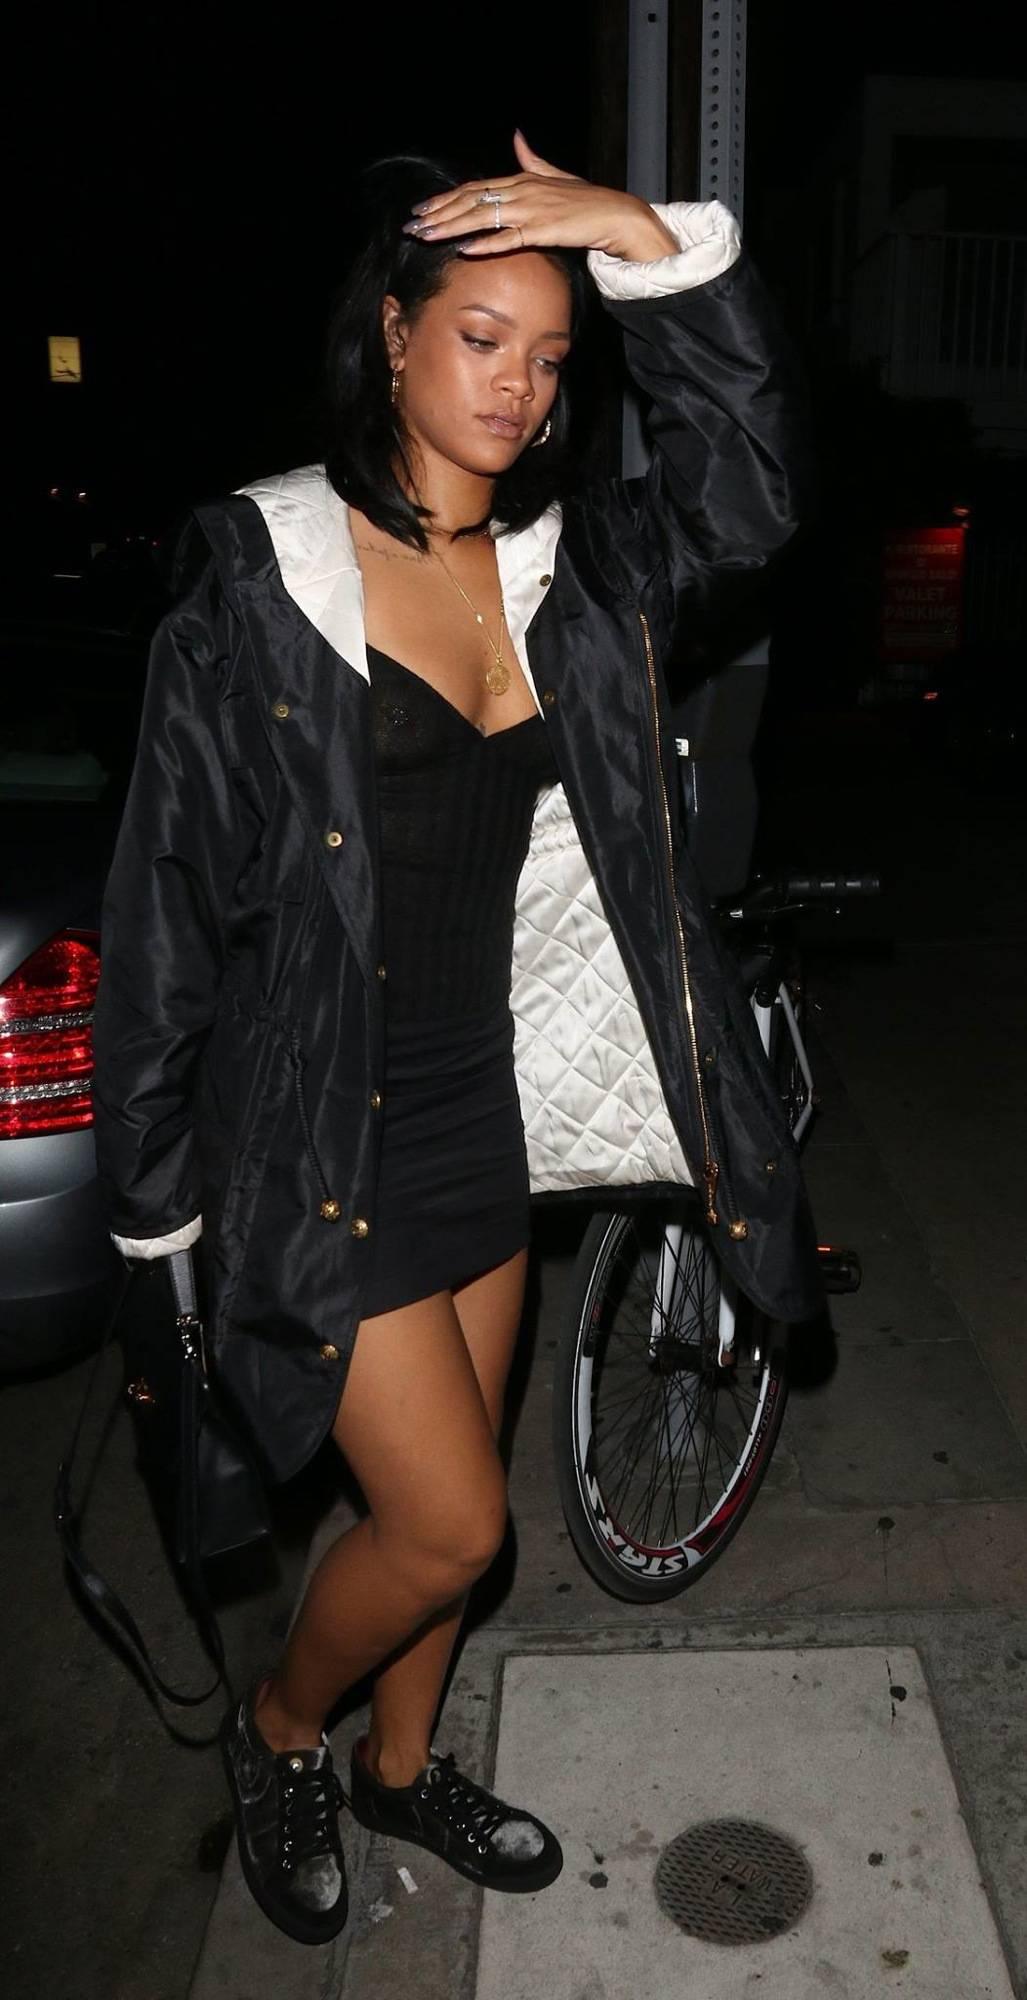 342468313_RihannaBralessLAPi4_122_13lo.jpg